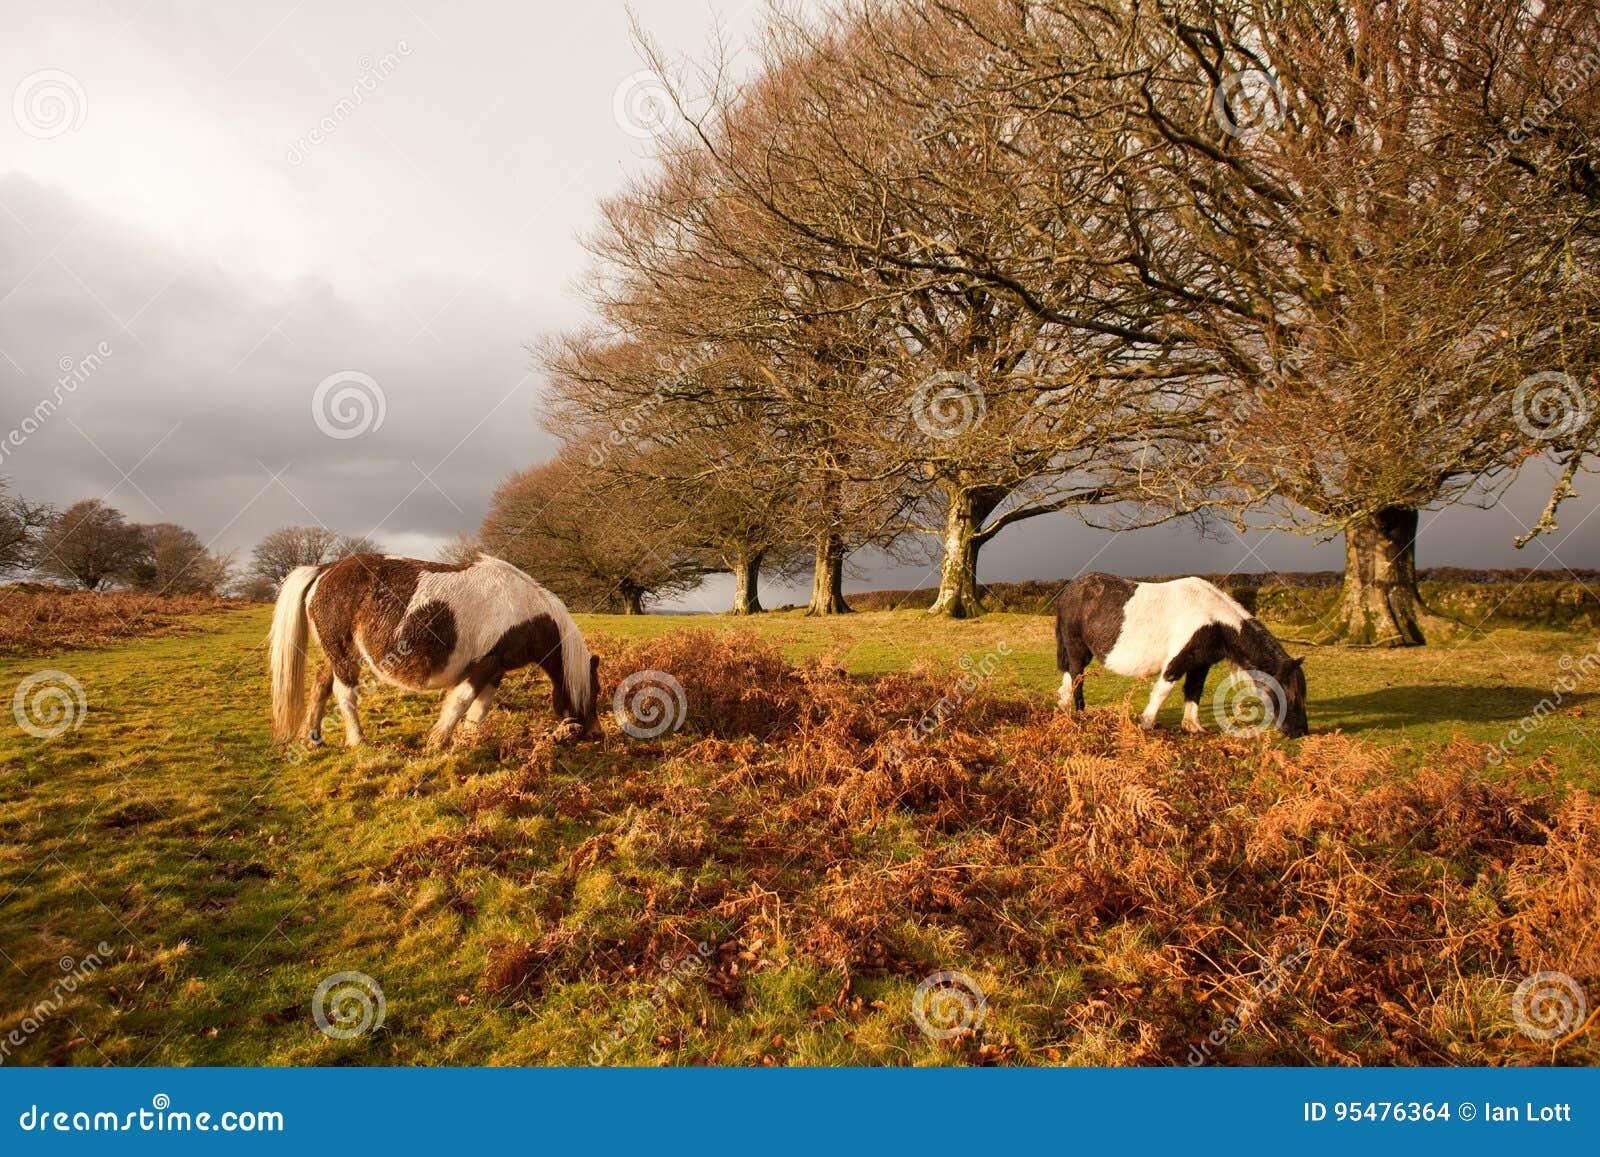 Dartmoor nationaal park Devon van dartmoor wild poneys